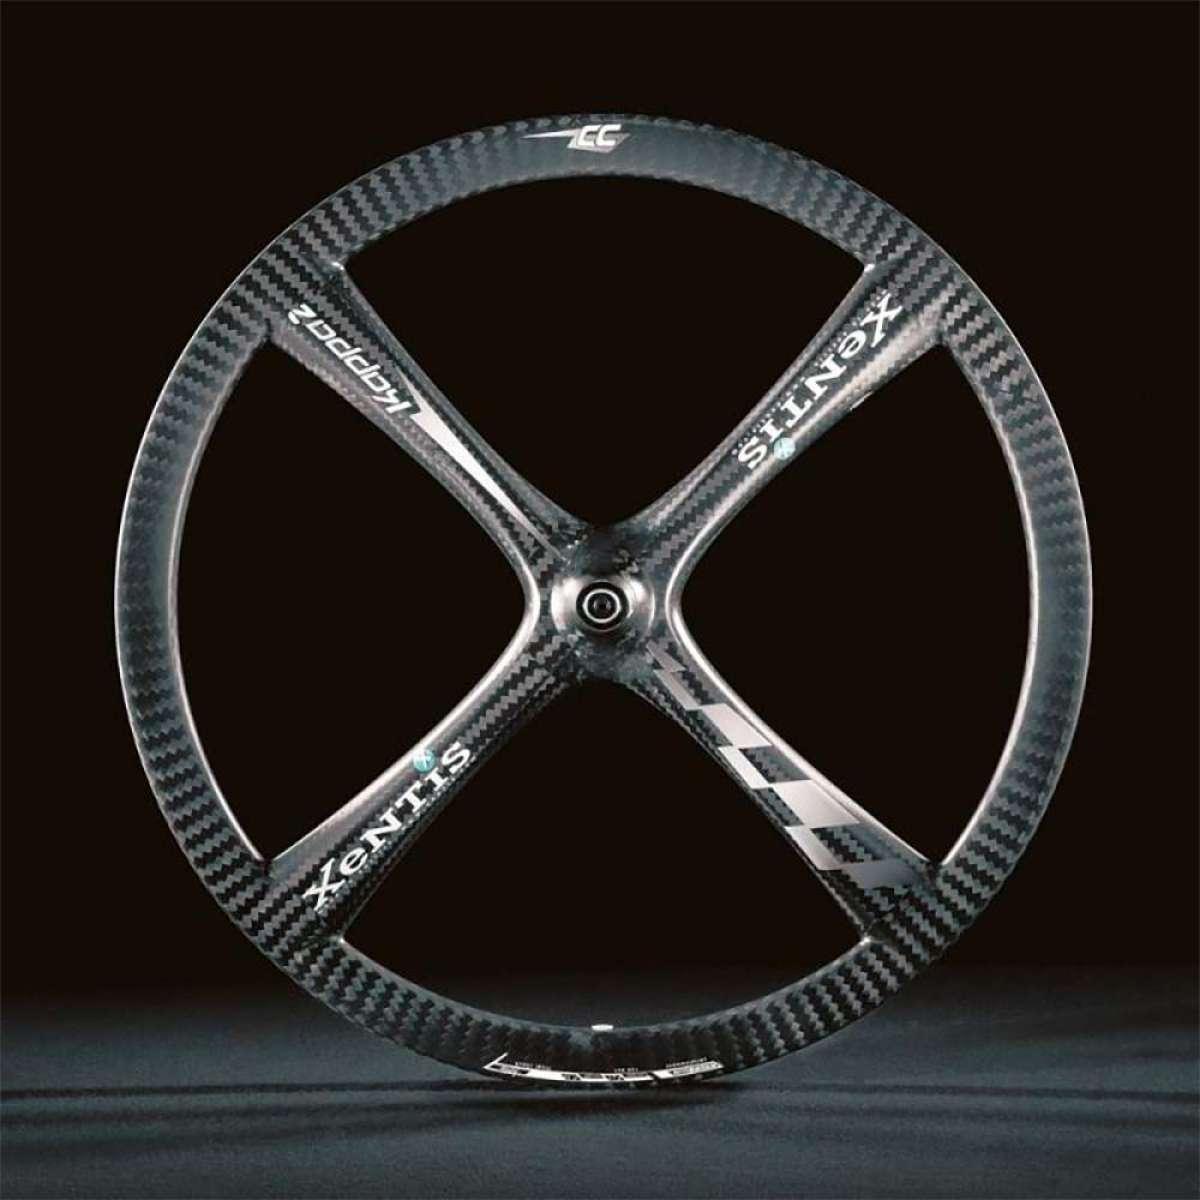 XeNTiS Kappa2, unas ruedas de carbono con cuatro radios integrados para presumir de bicicleta